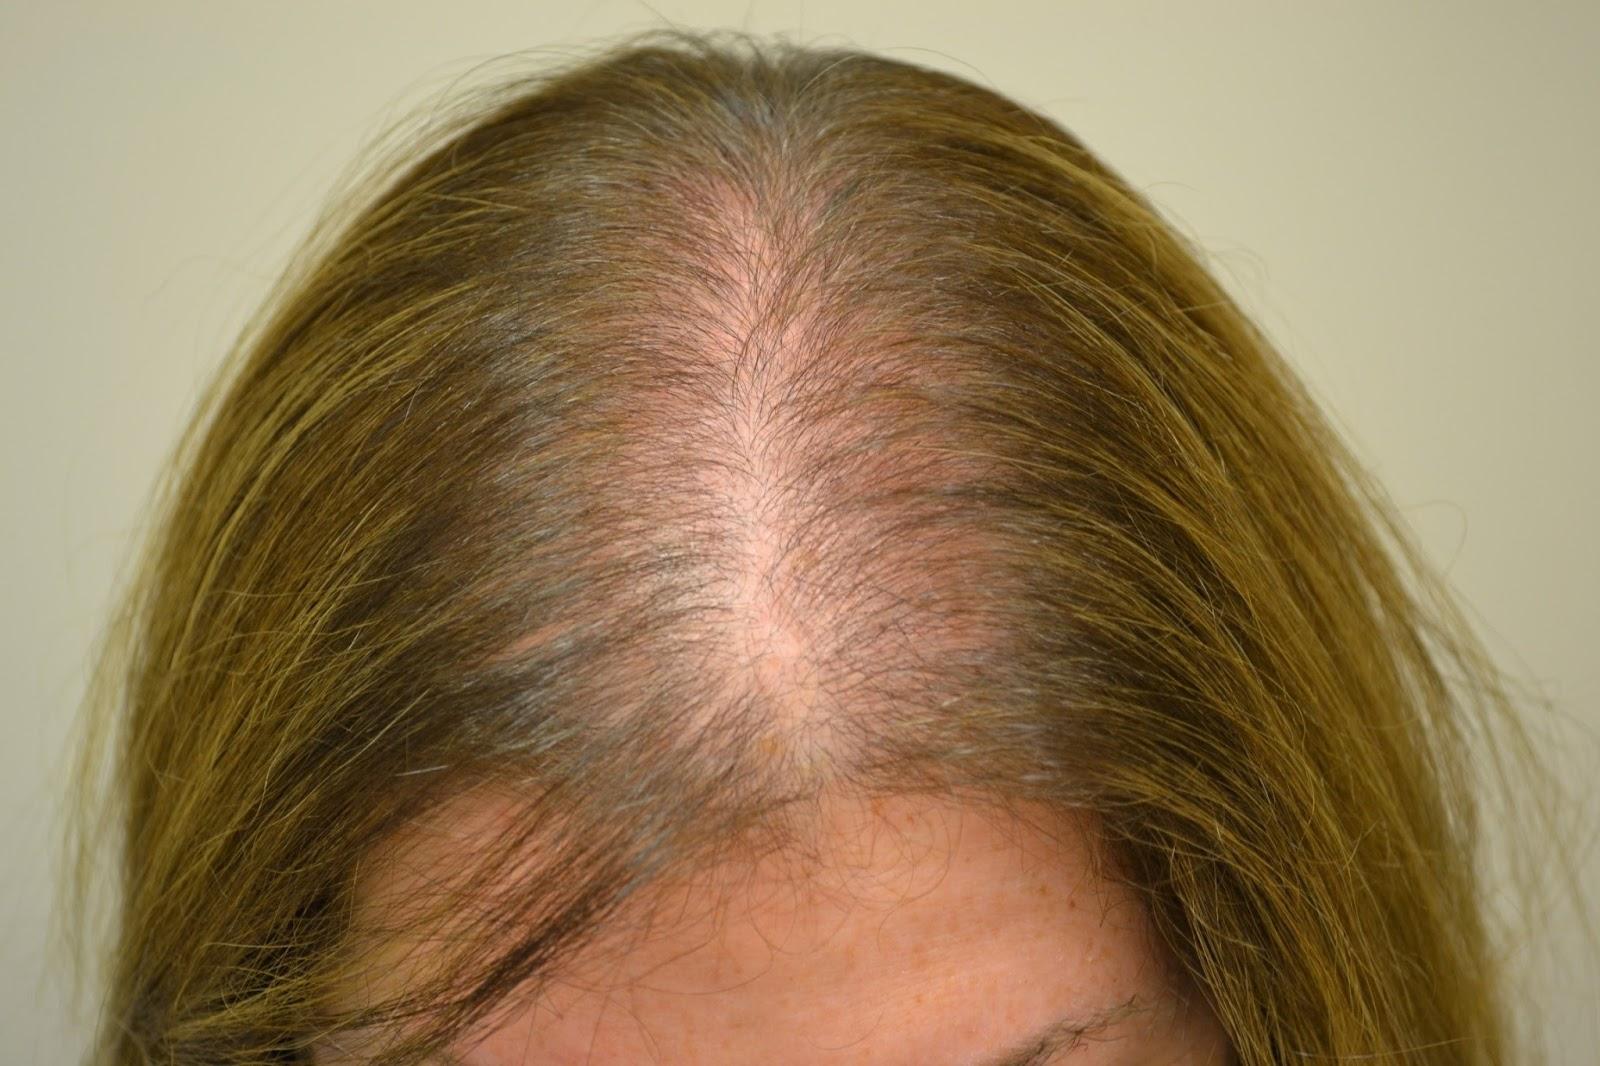 Contra la caída de los cabello y su crecimiento